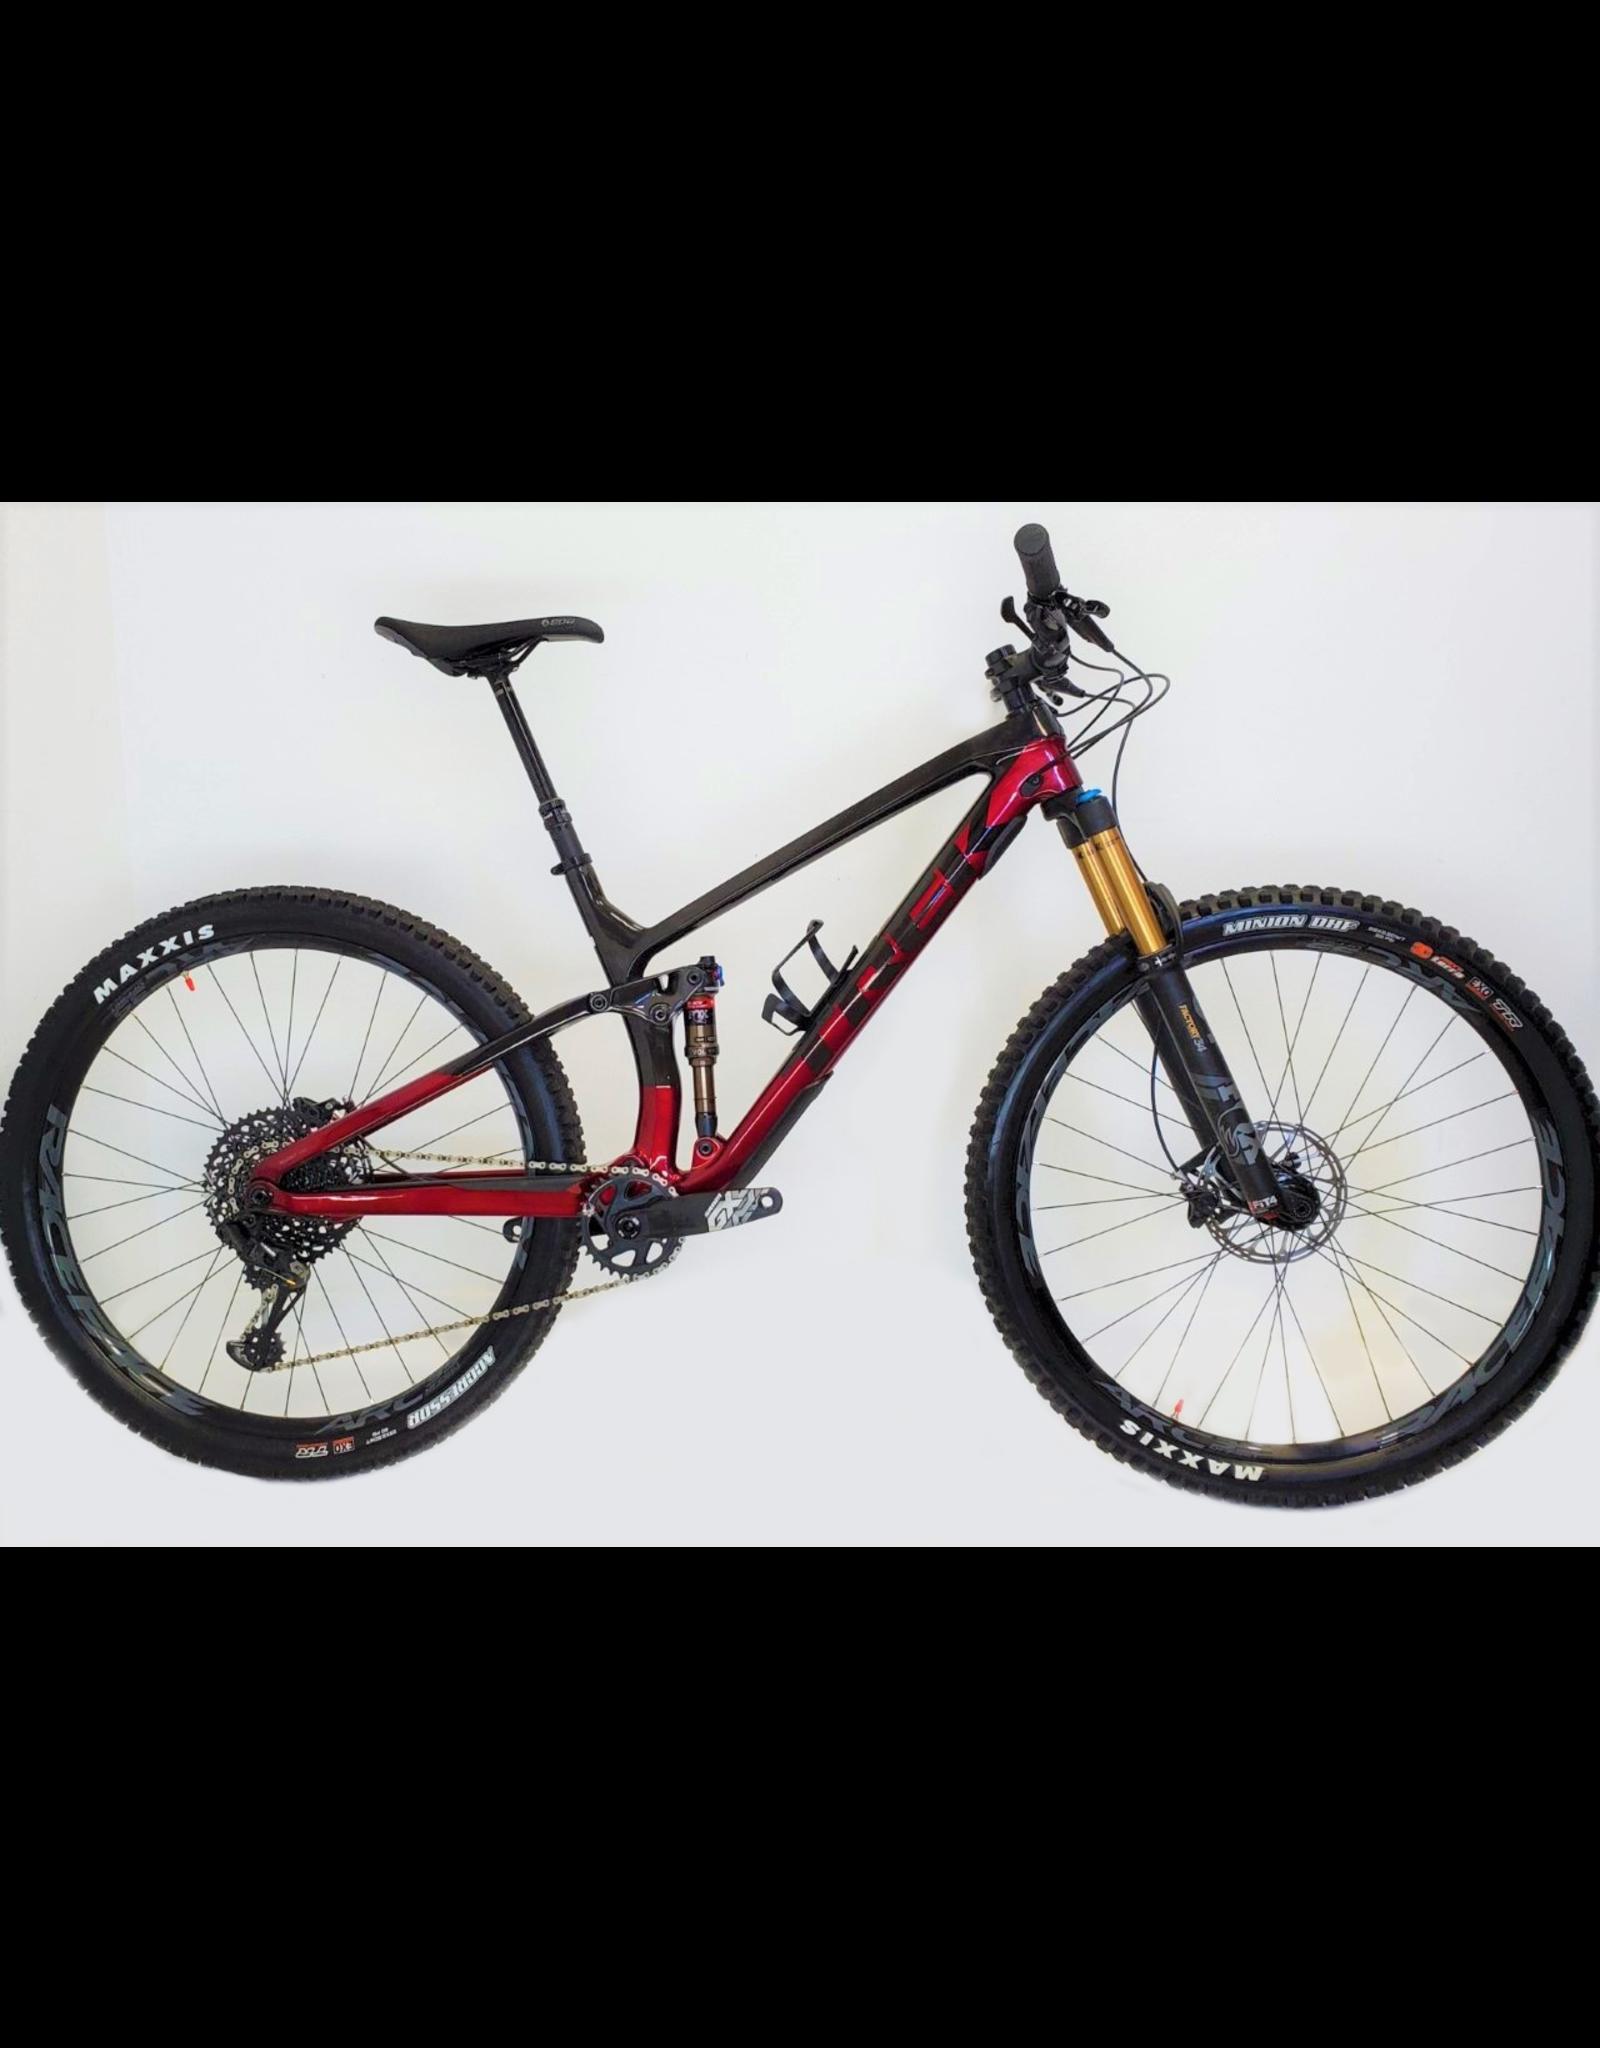 2020 Trek Fuel EX 29 carbon - Montage maison - Large